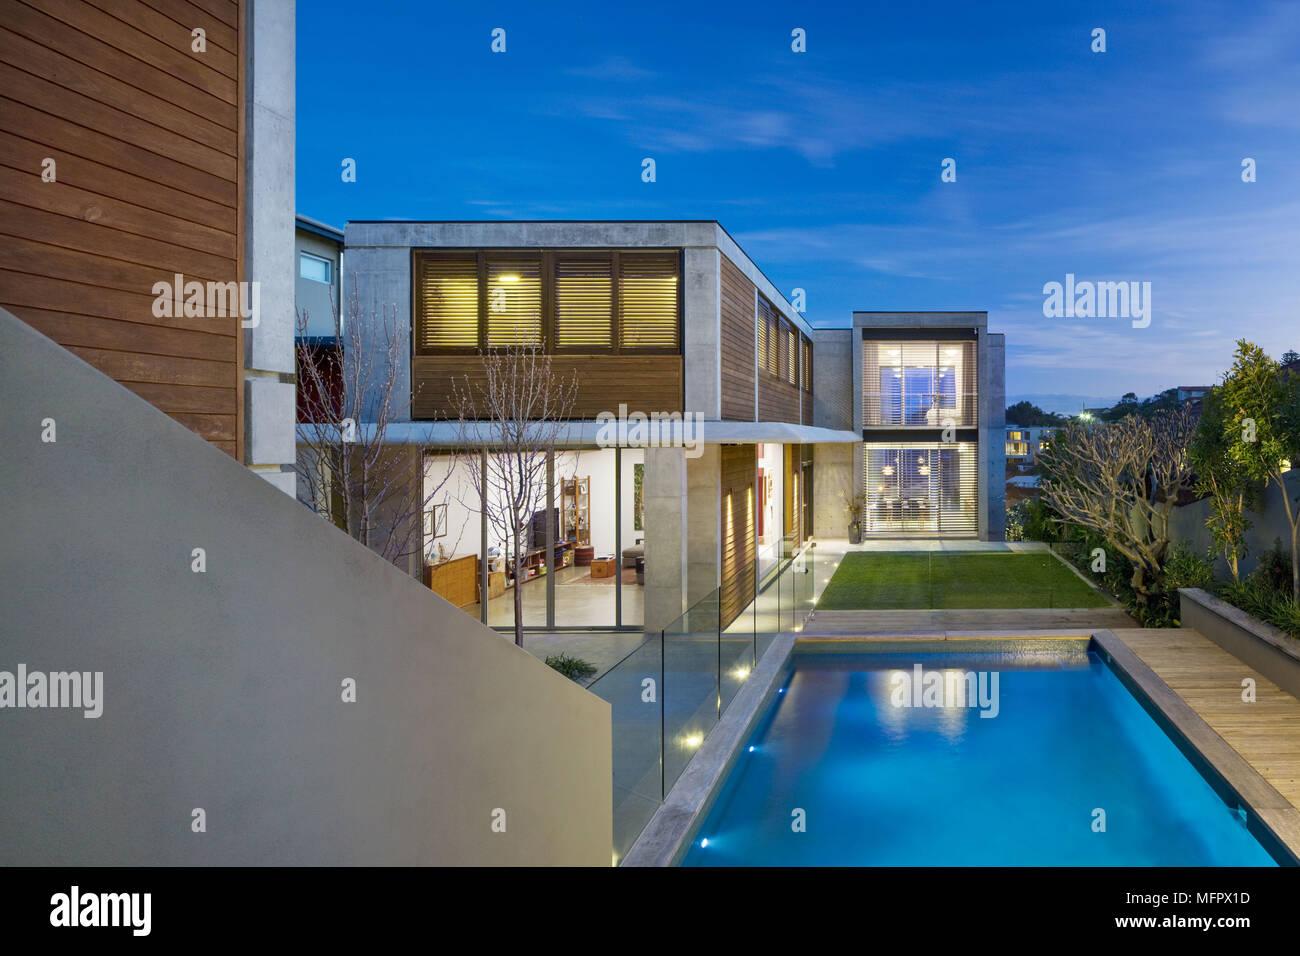 Exterieur De Maison Moderne Avec Terrasse Et Piscine Banque D Images